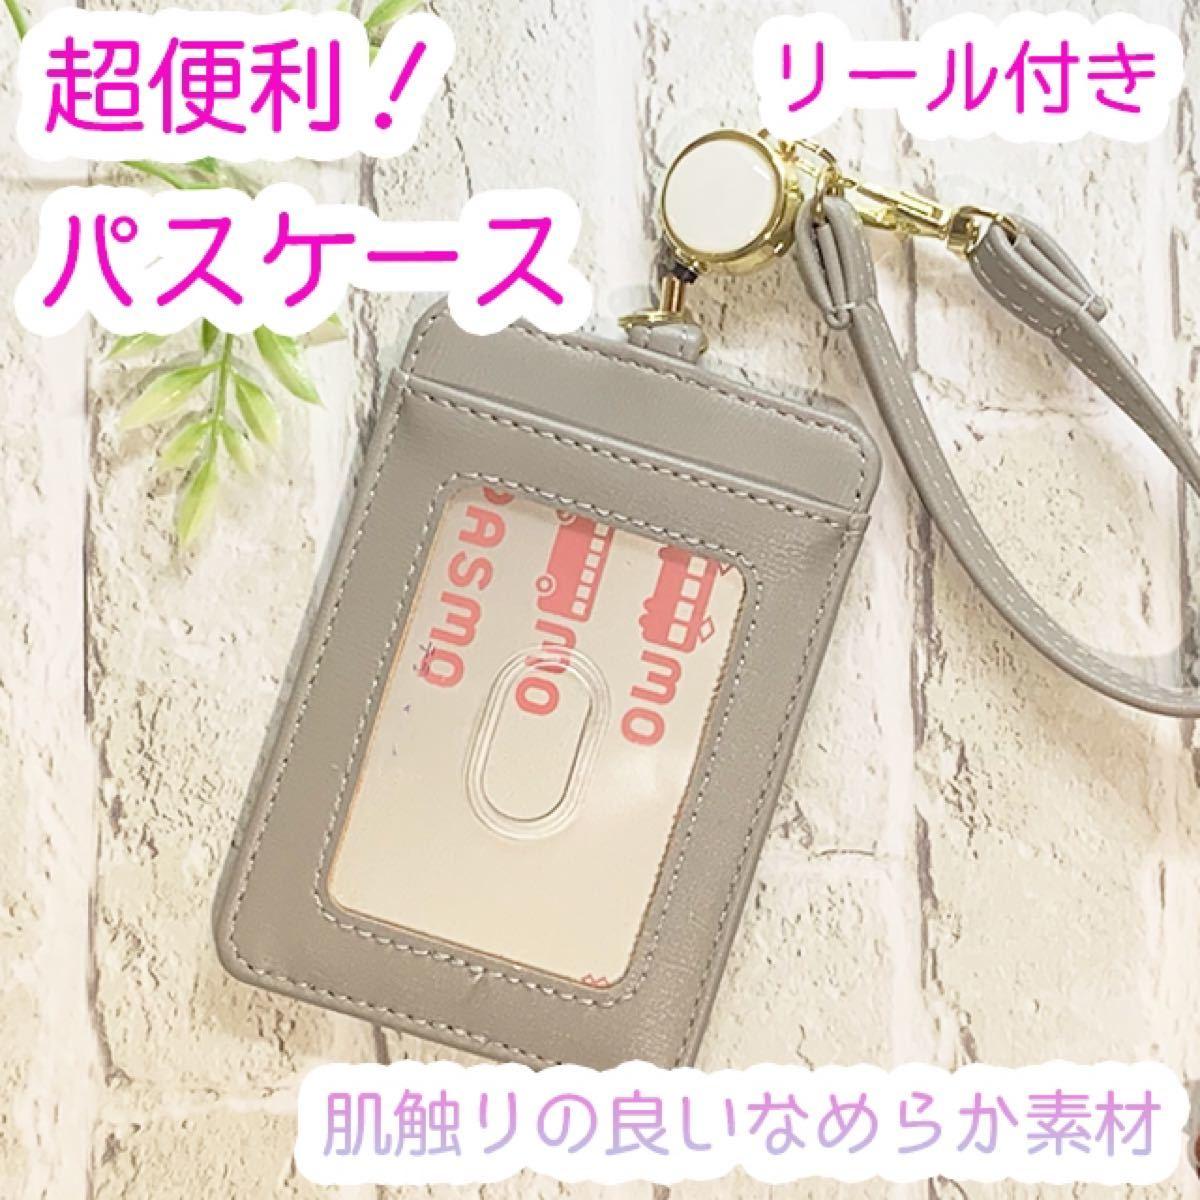 パスケース カードケース 定期入れ リール付き かわいい オシャレ レディース